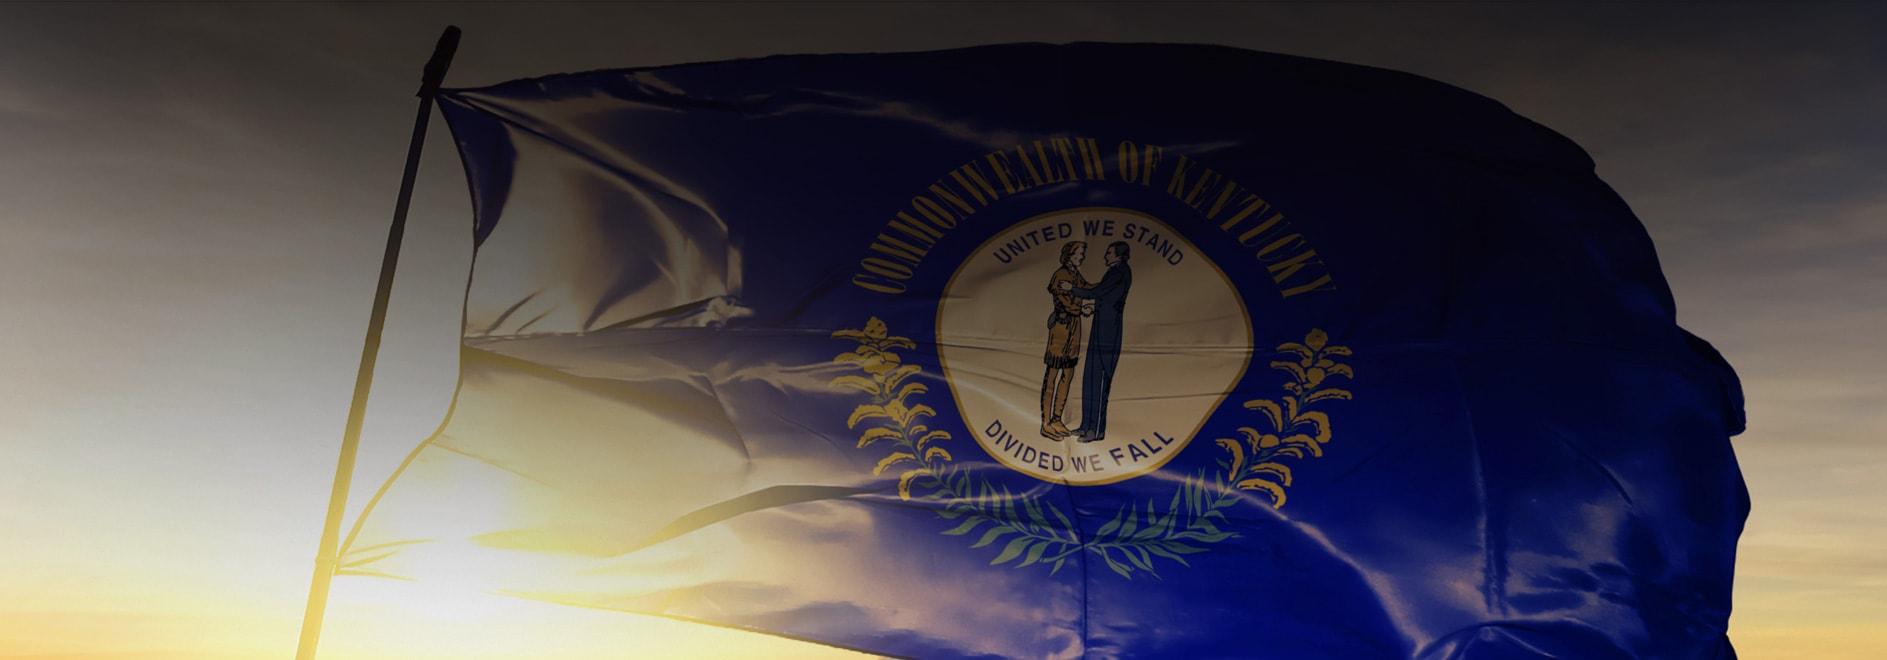 Web Design Covington Kentucky